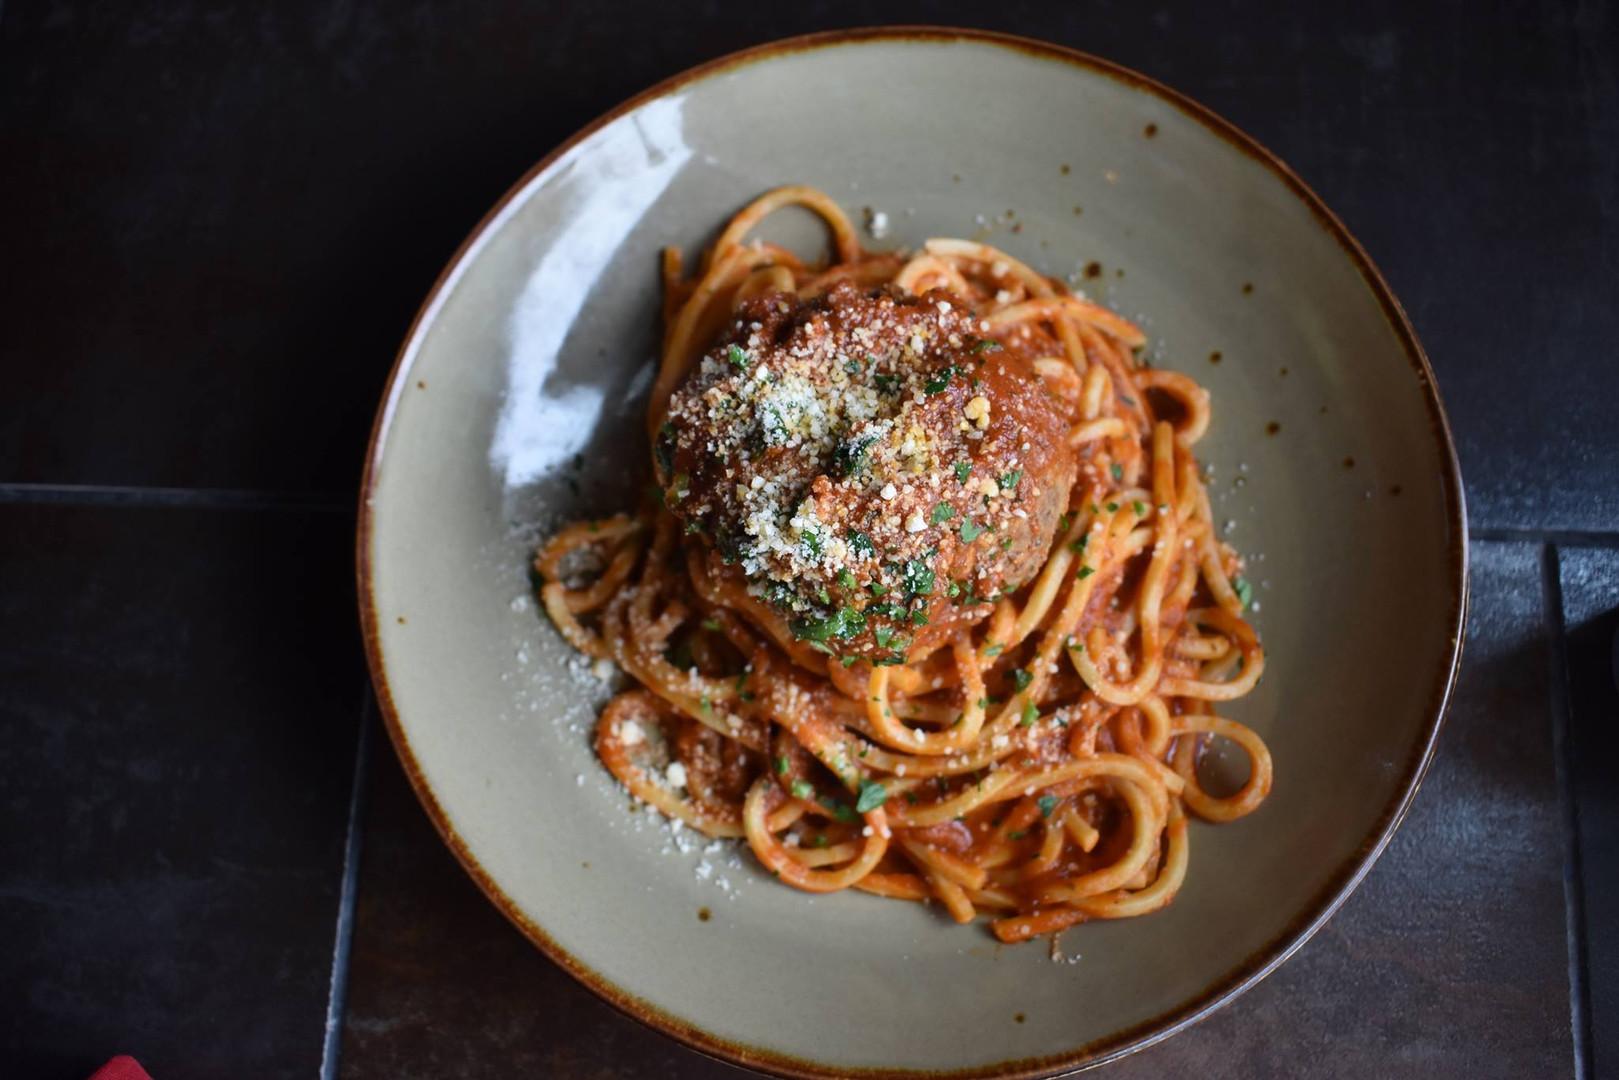 Lena's Meatball and Spaghetti